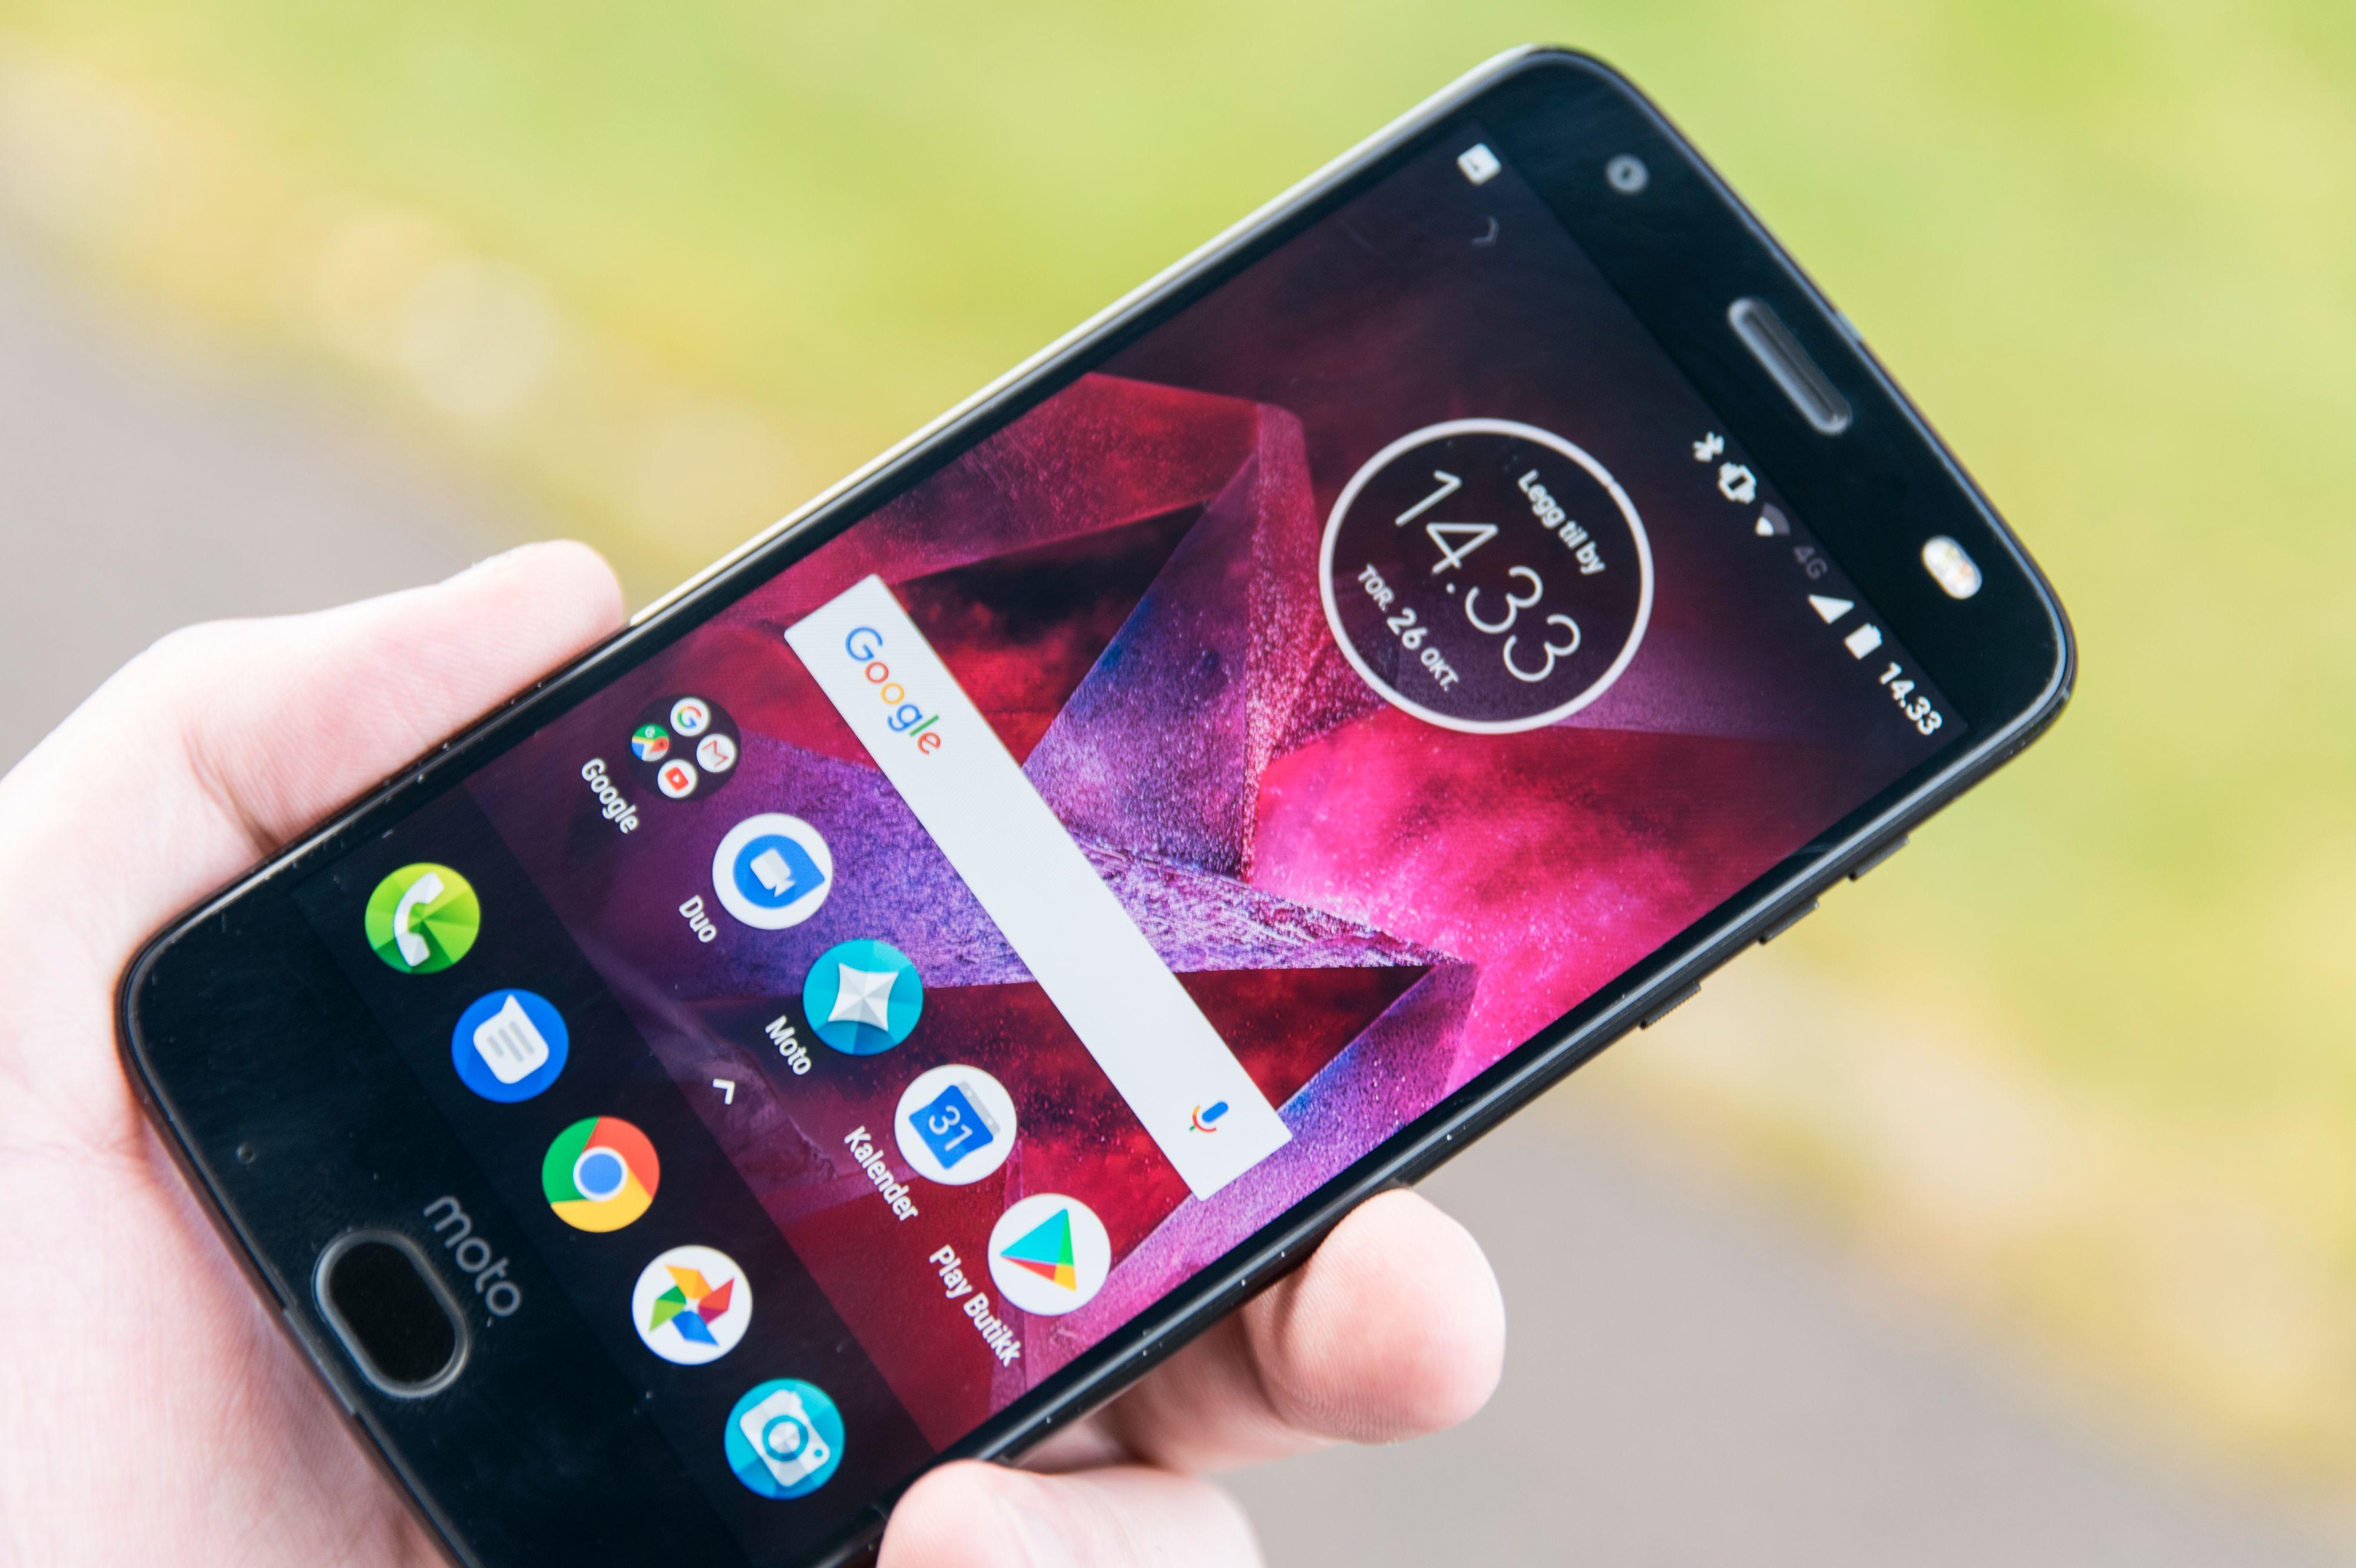 Foruten en egen ikonpakke er Androiden som kjører her så å si ren, rett fra Google. Men hvorfor er det fjorårets utgave når flere Android 8-mobiler alt er i salg?